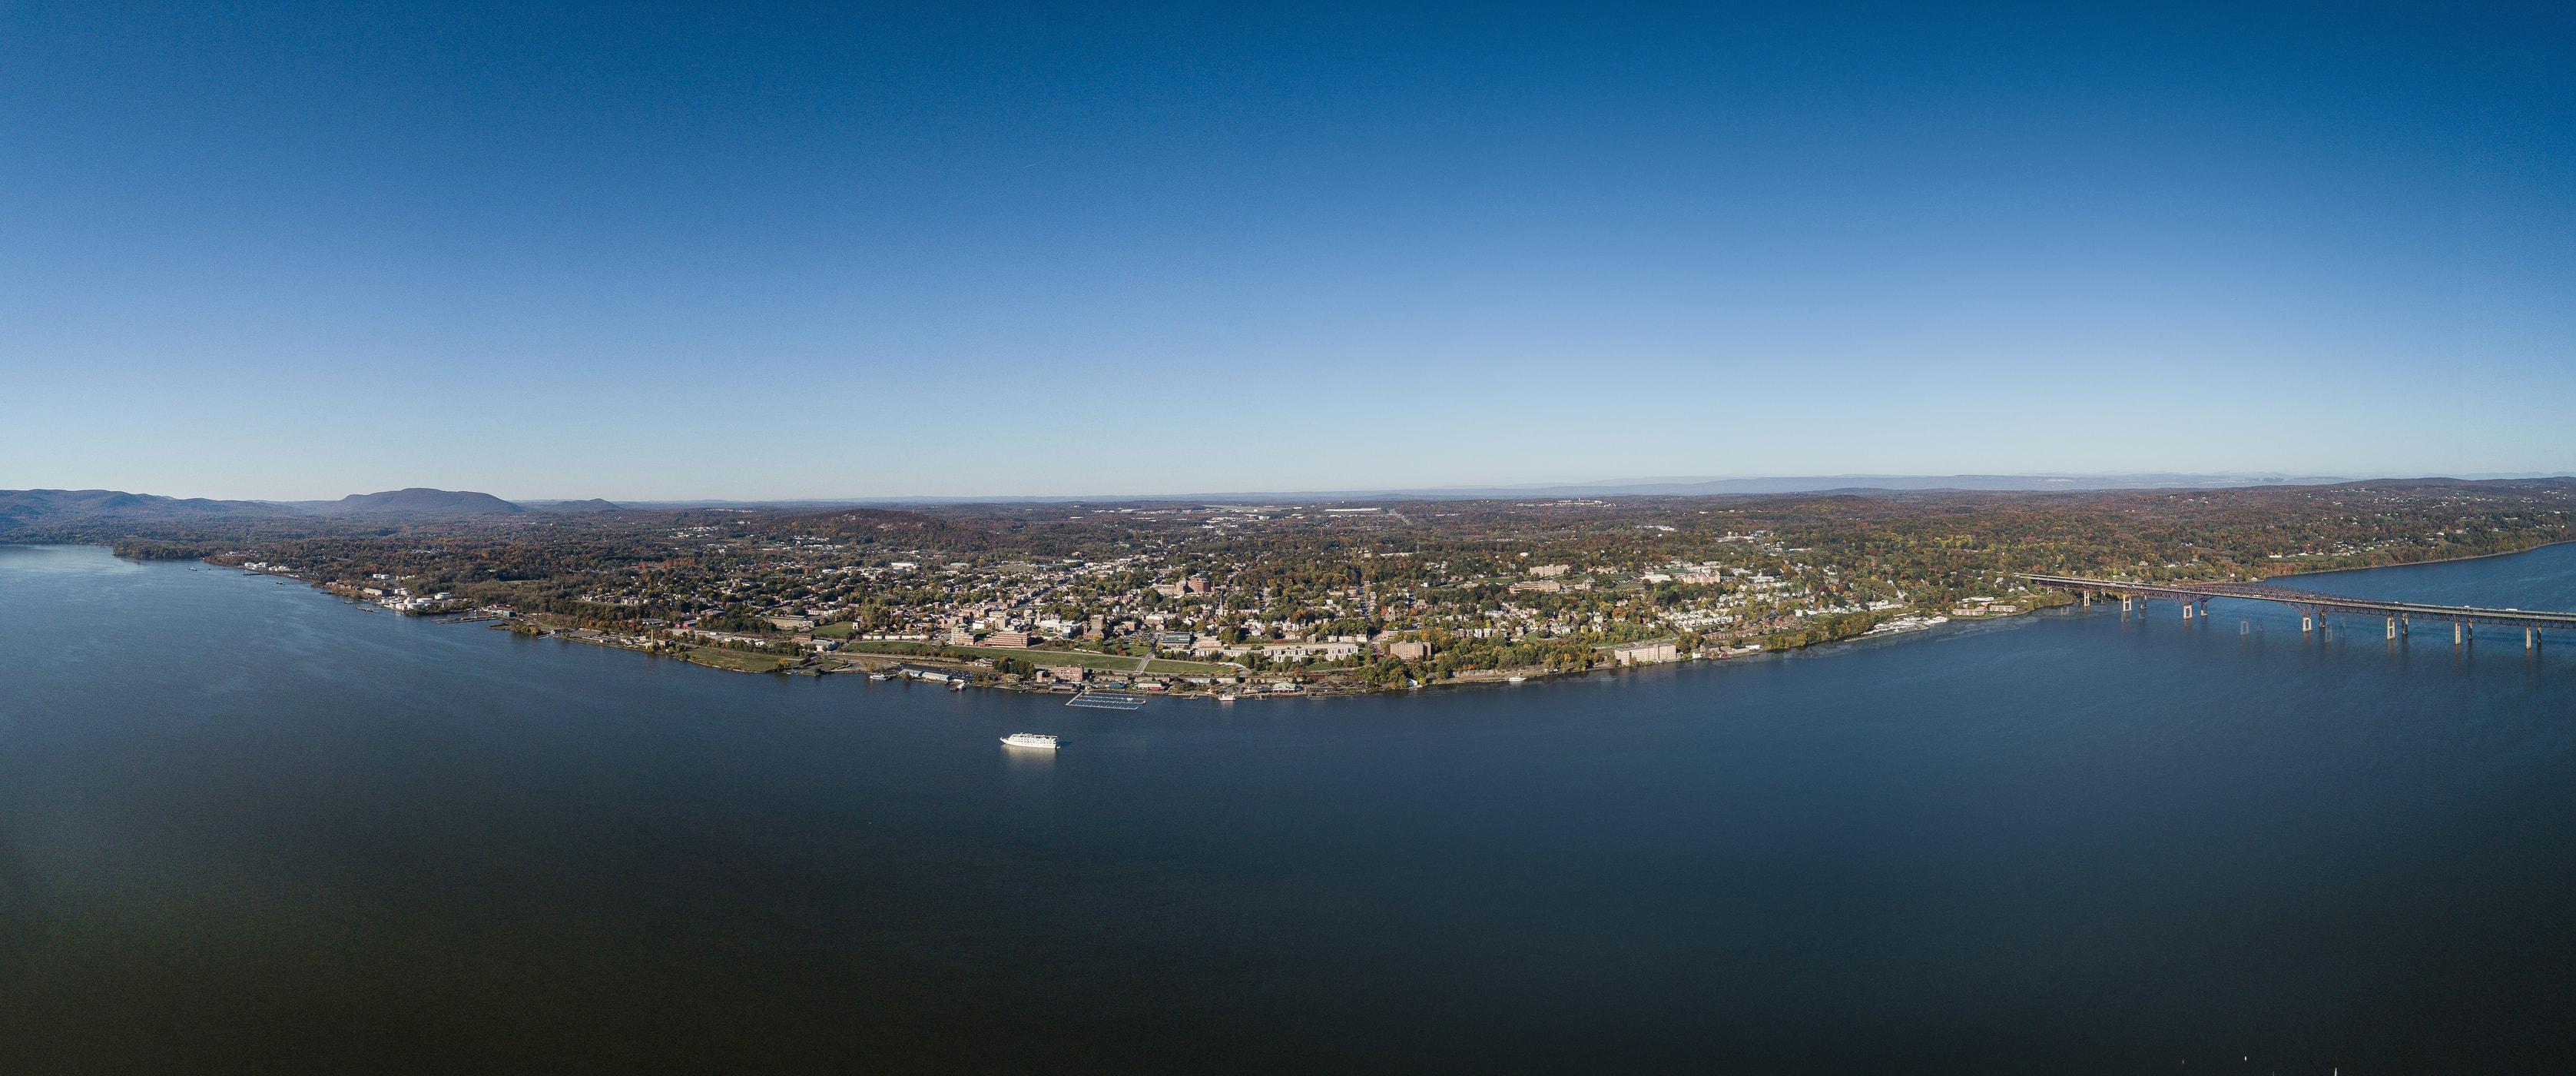 Newburgh waterfront